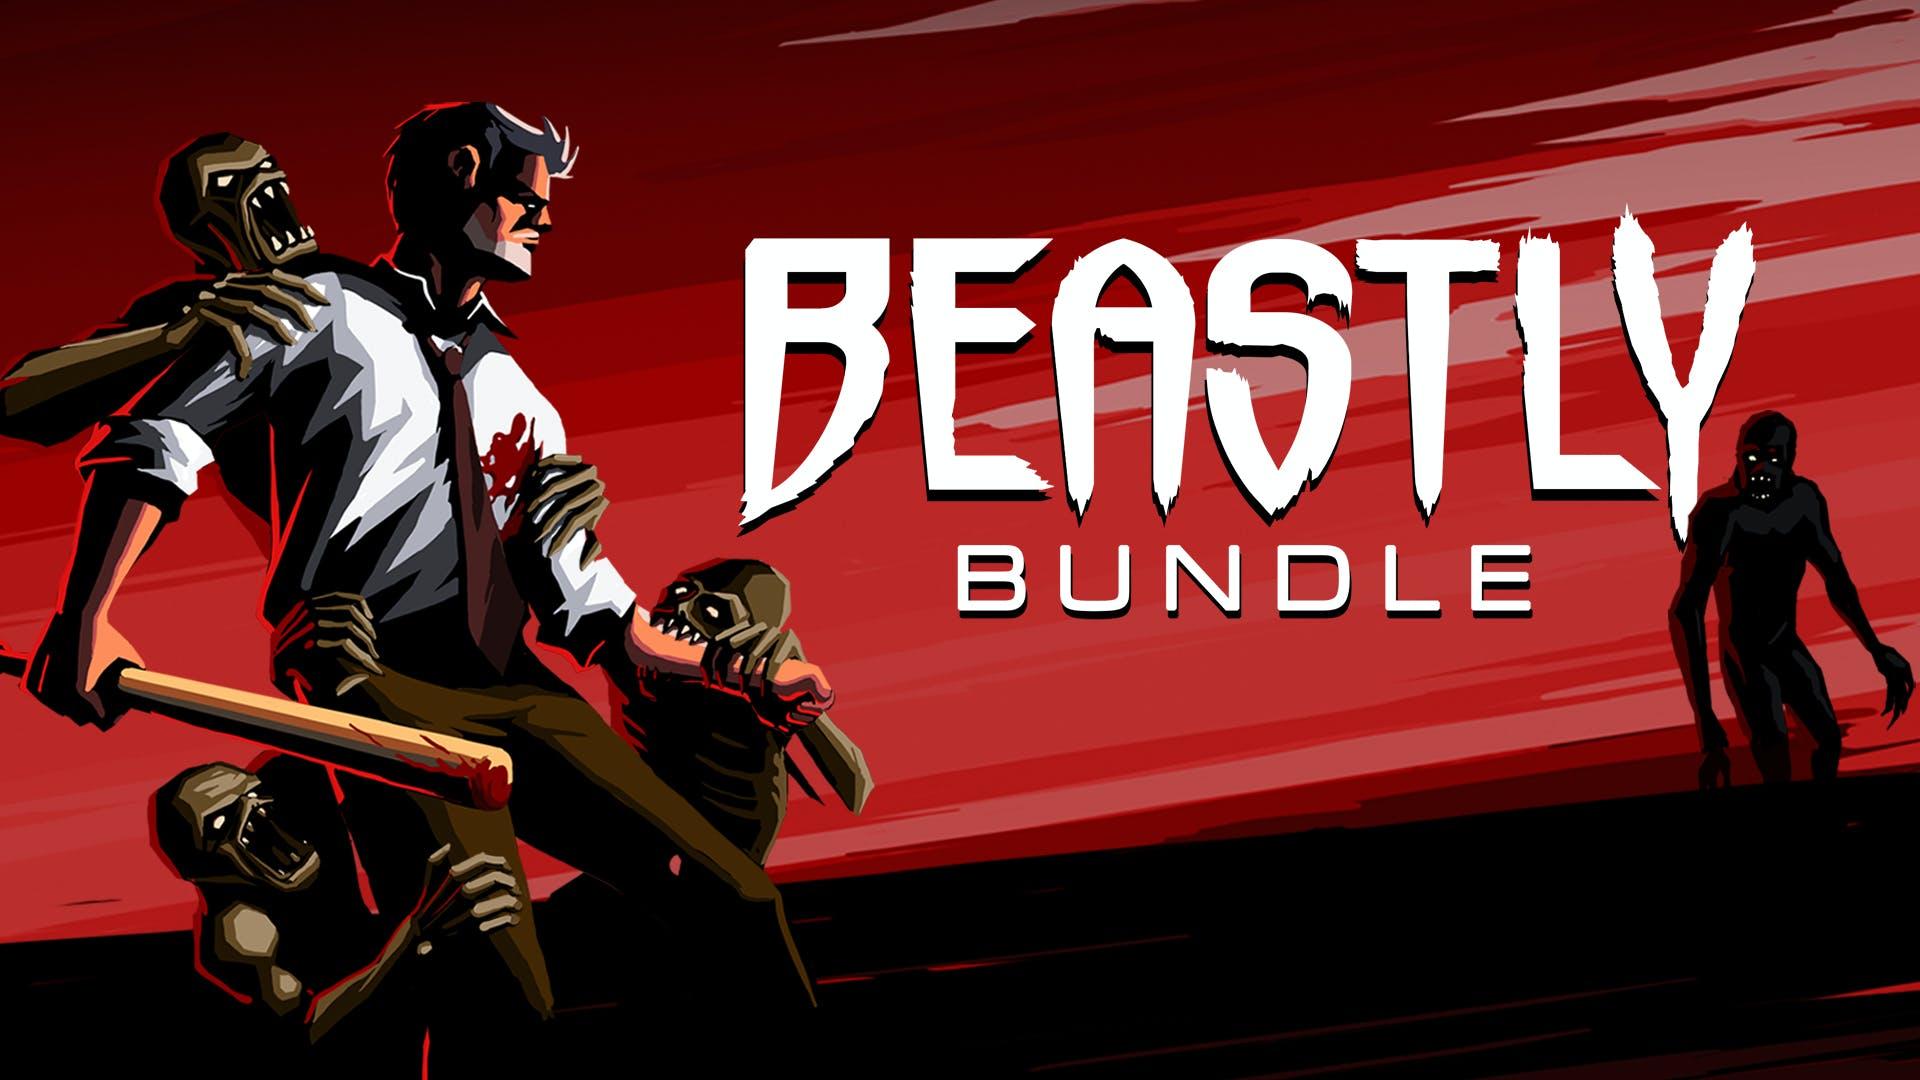 Beastly Bundle